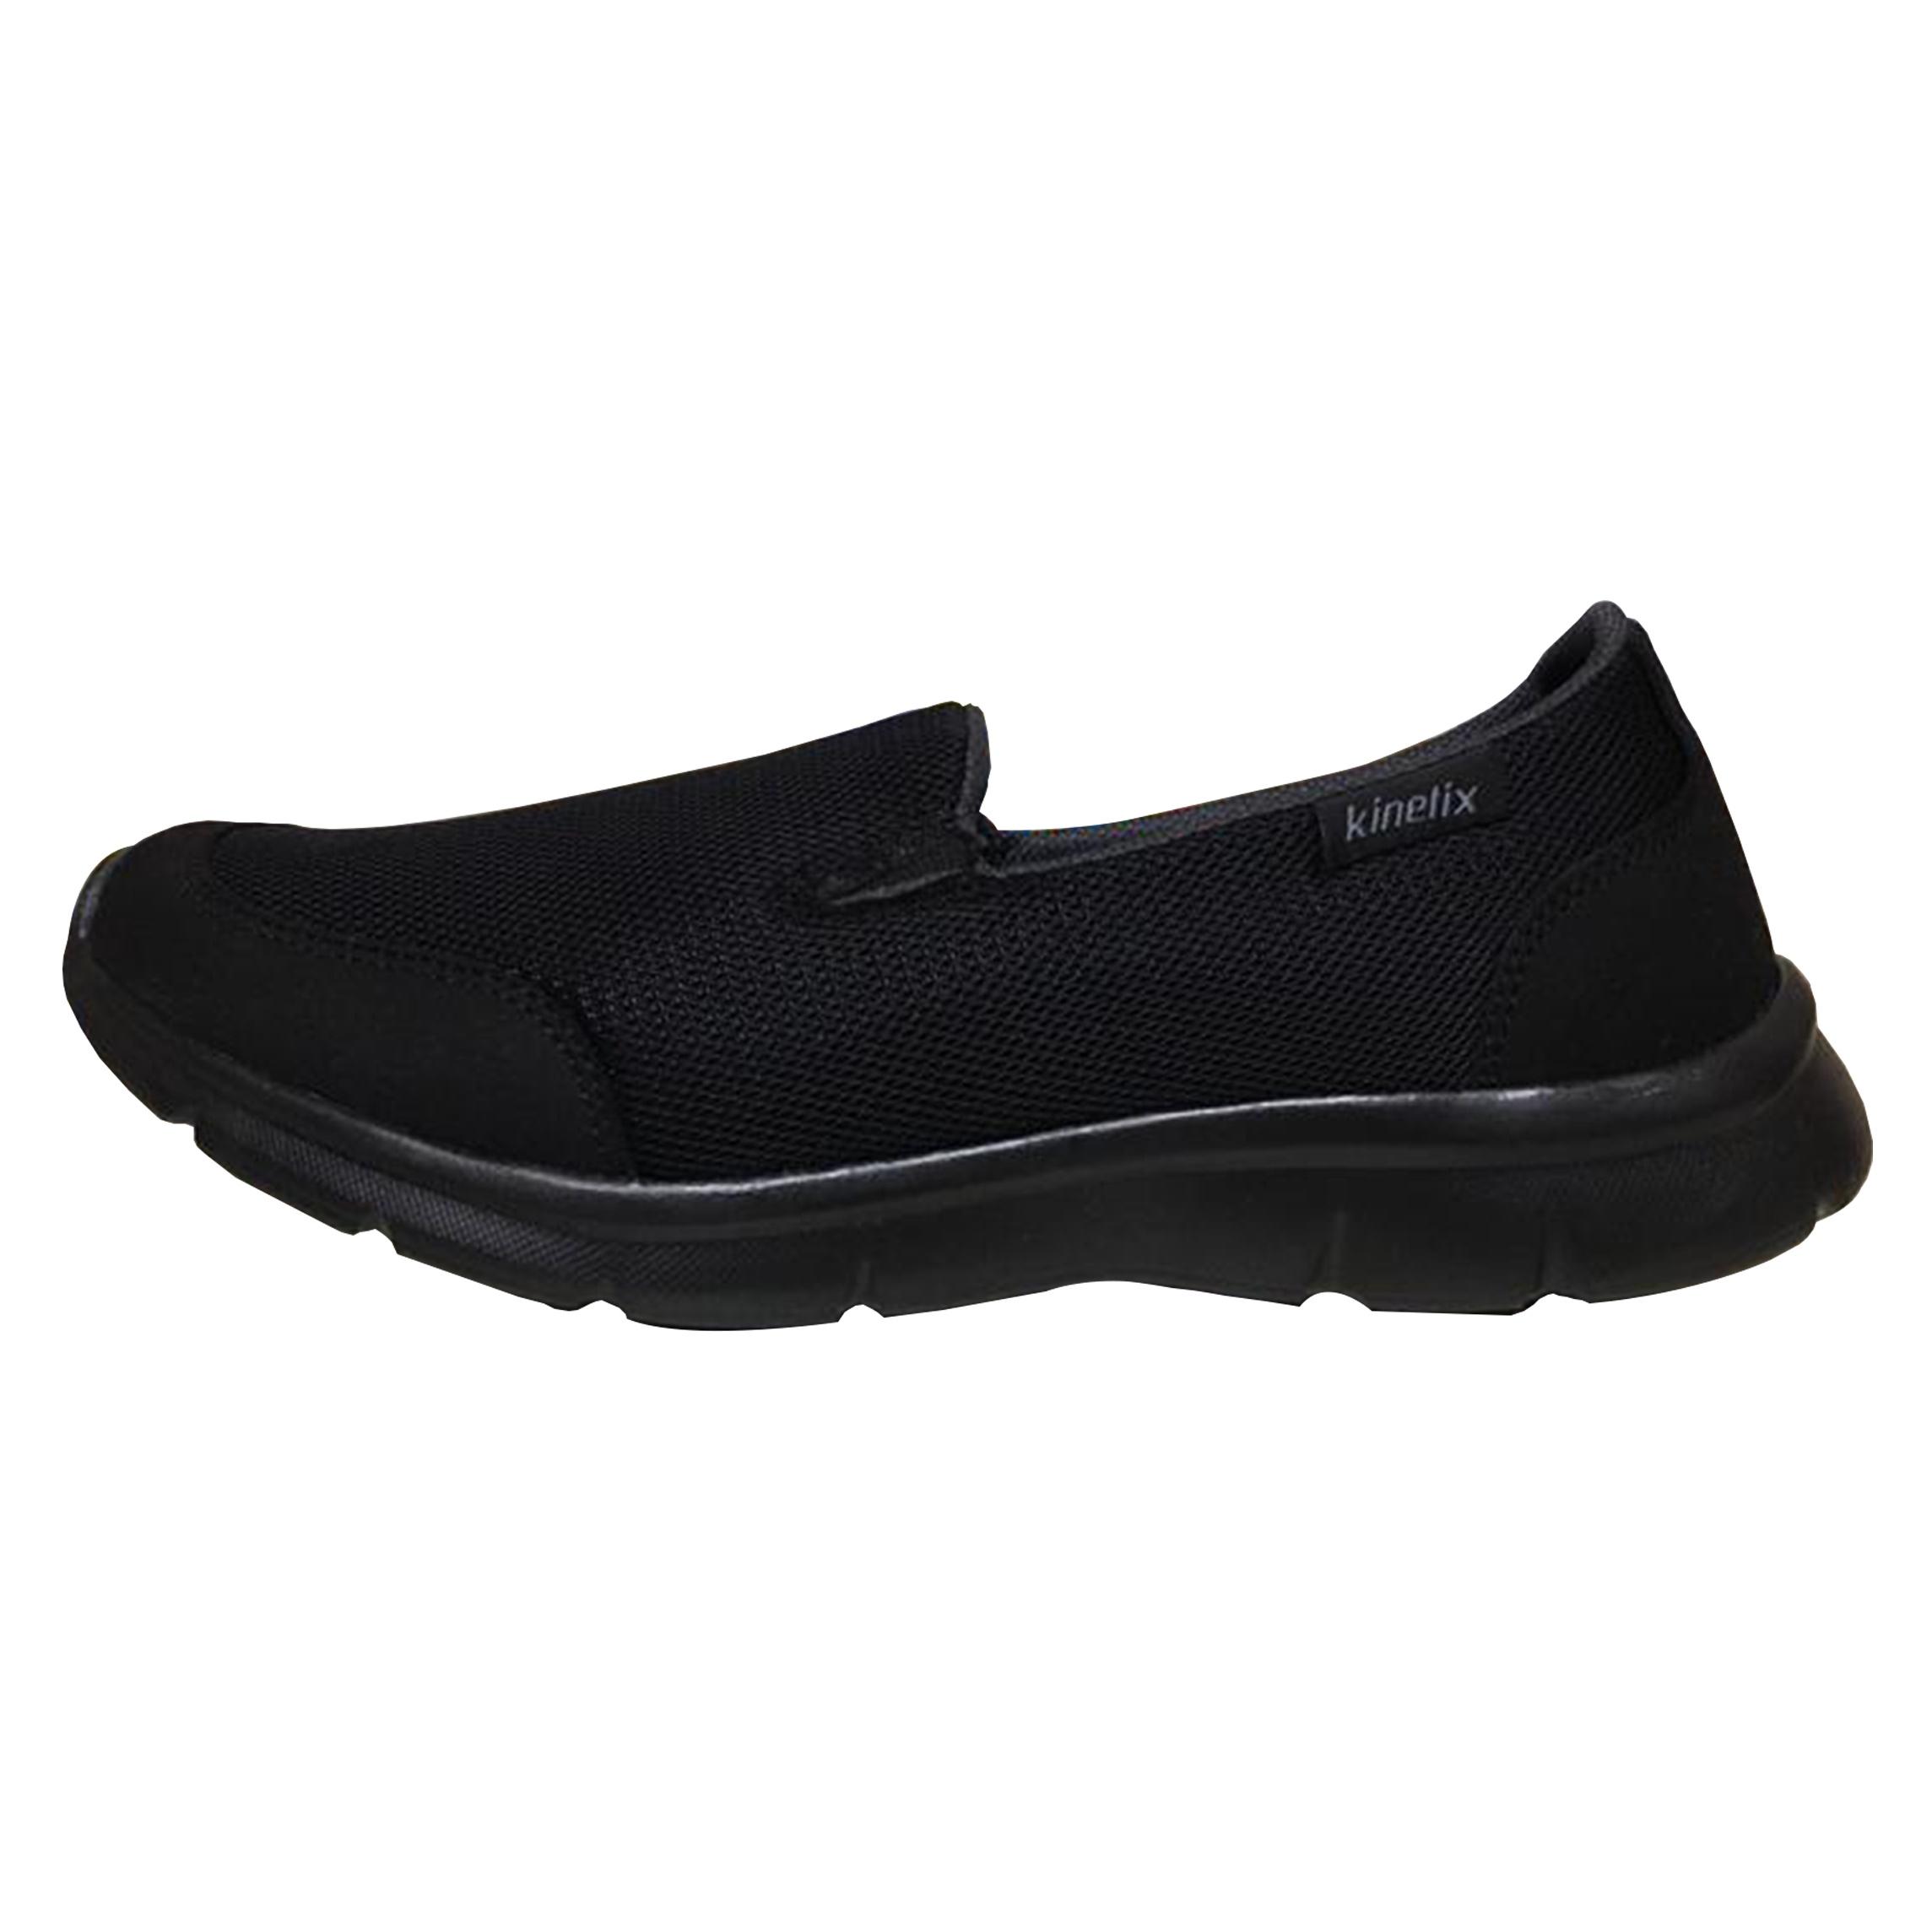 کفش راحتی زنانه  کینتیکس کد 980530k